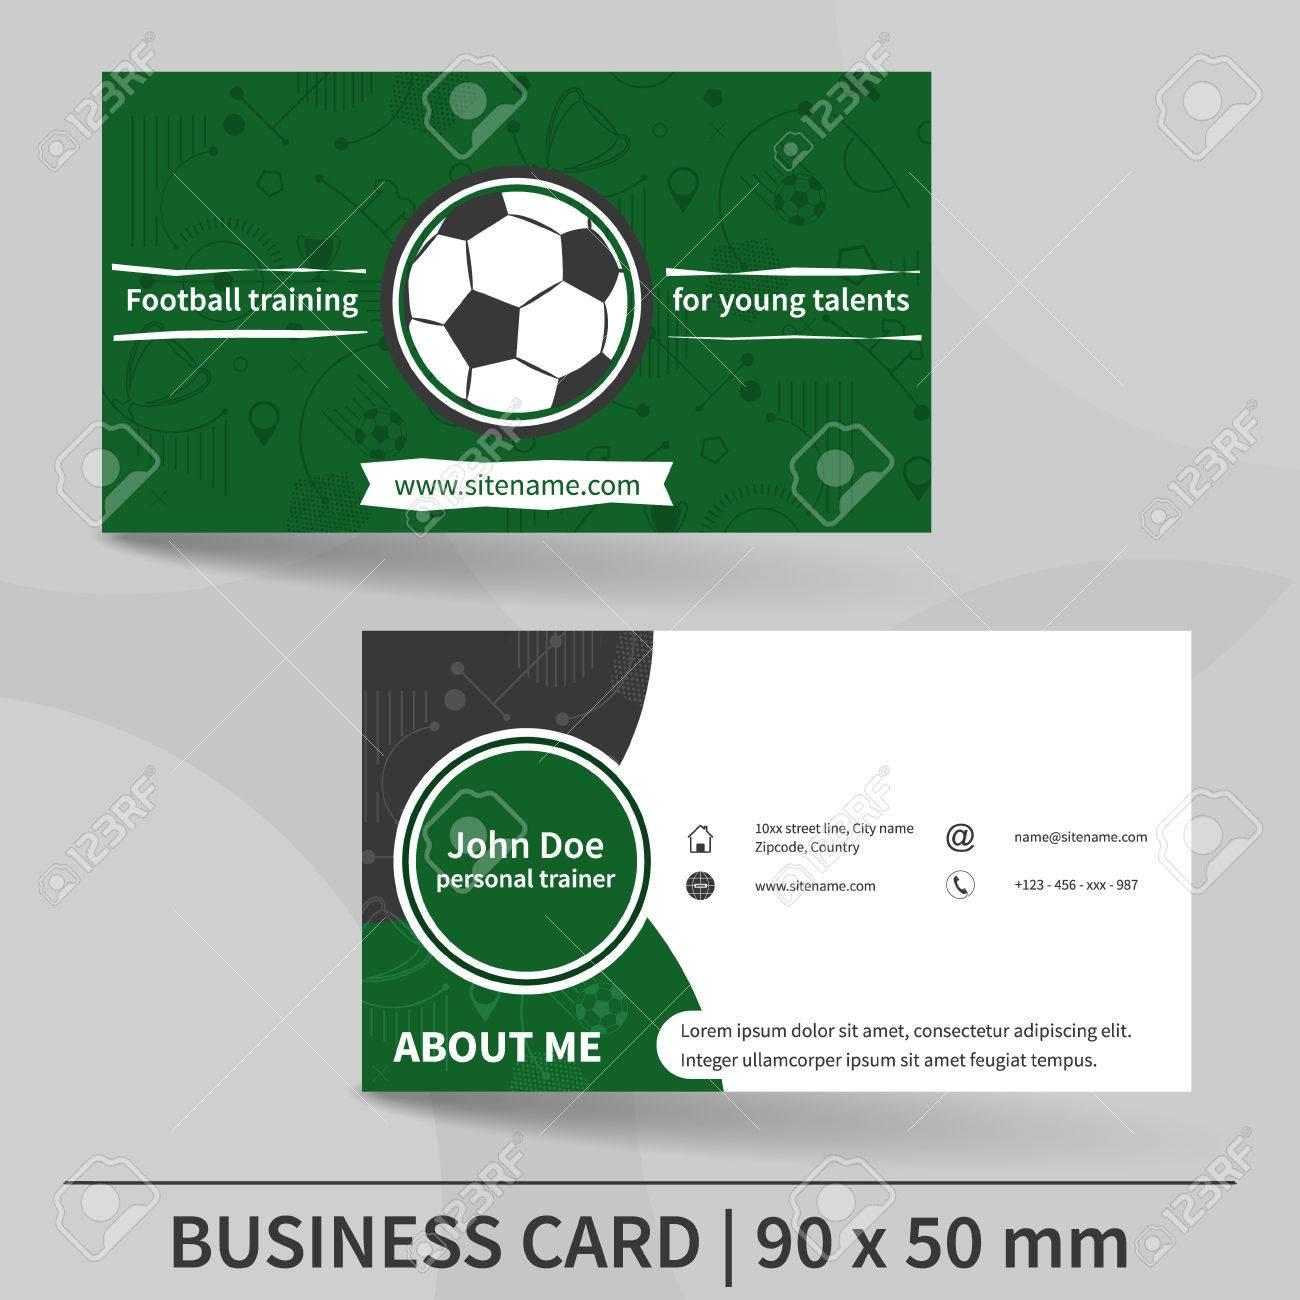 Modele De Carte Visite Entrainement Football Entraineur